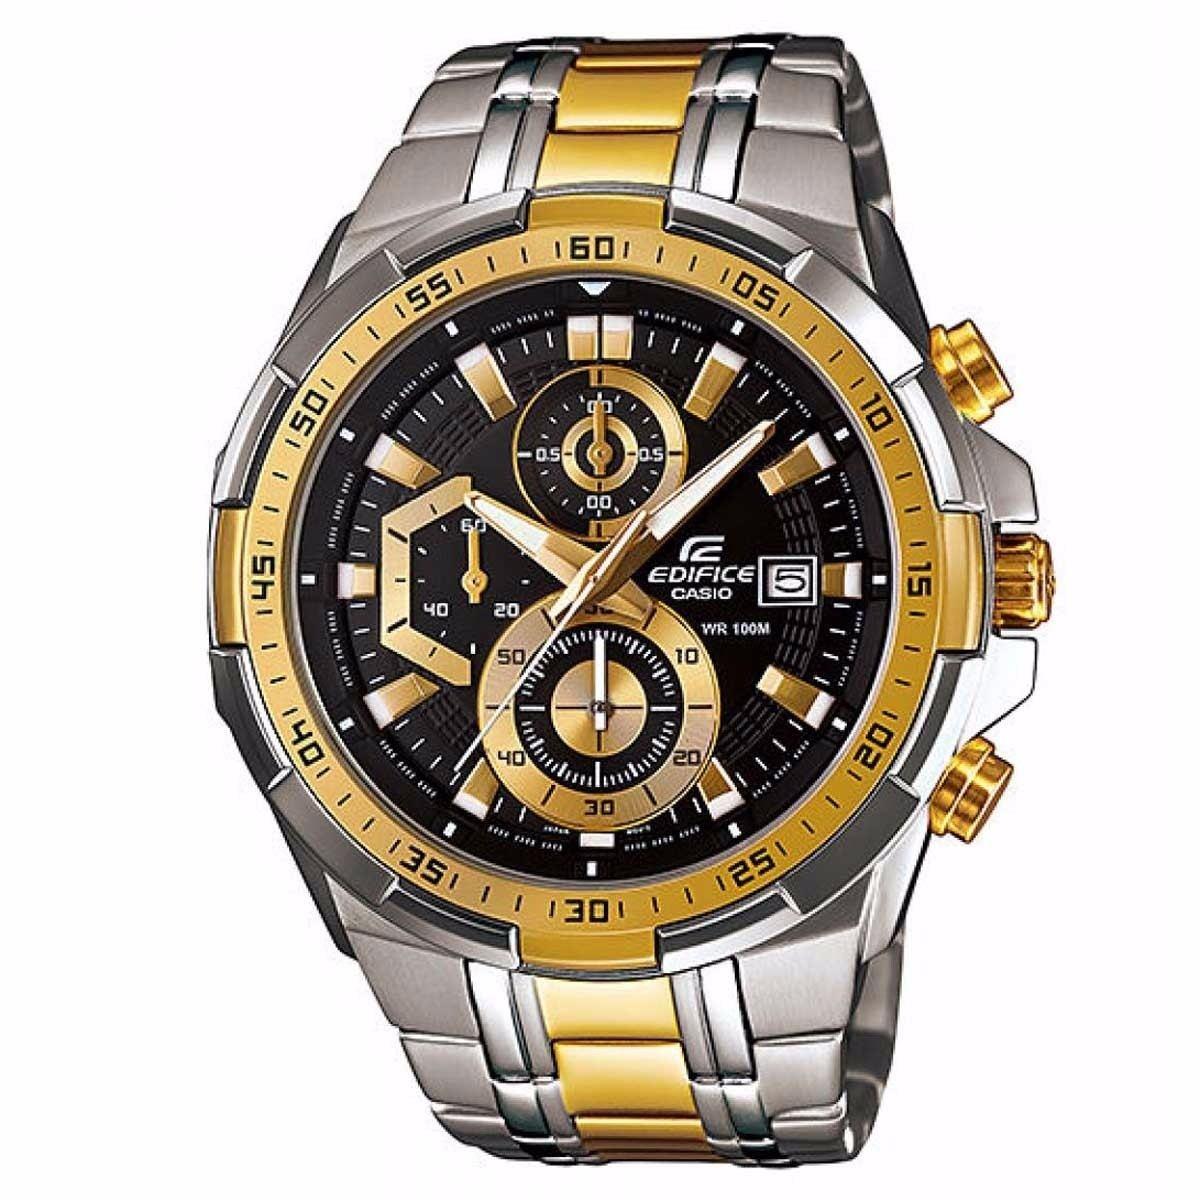 6d2a0555ae4 Relógio Masculino Casio Edifice Efr-539zsg-1av 55mm Prata E - R  929 ...